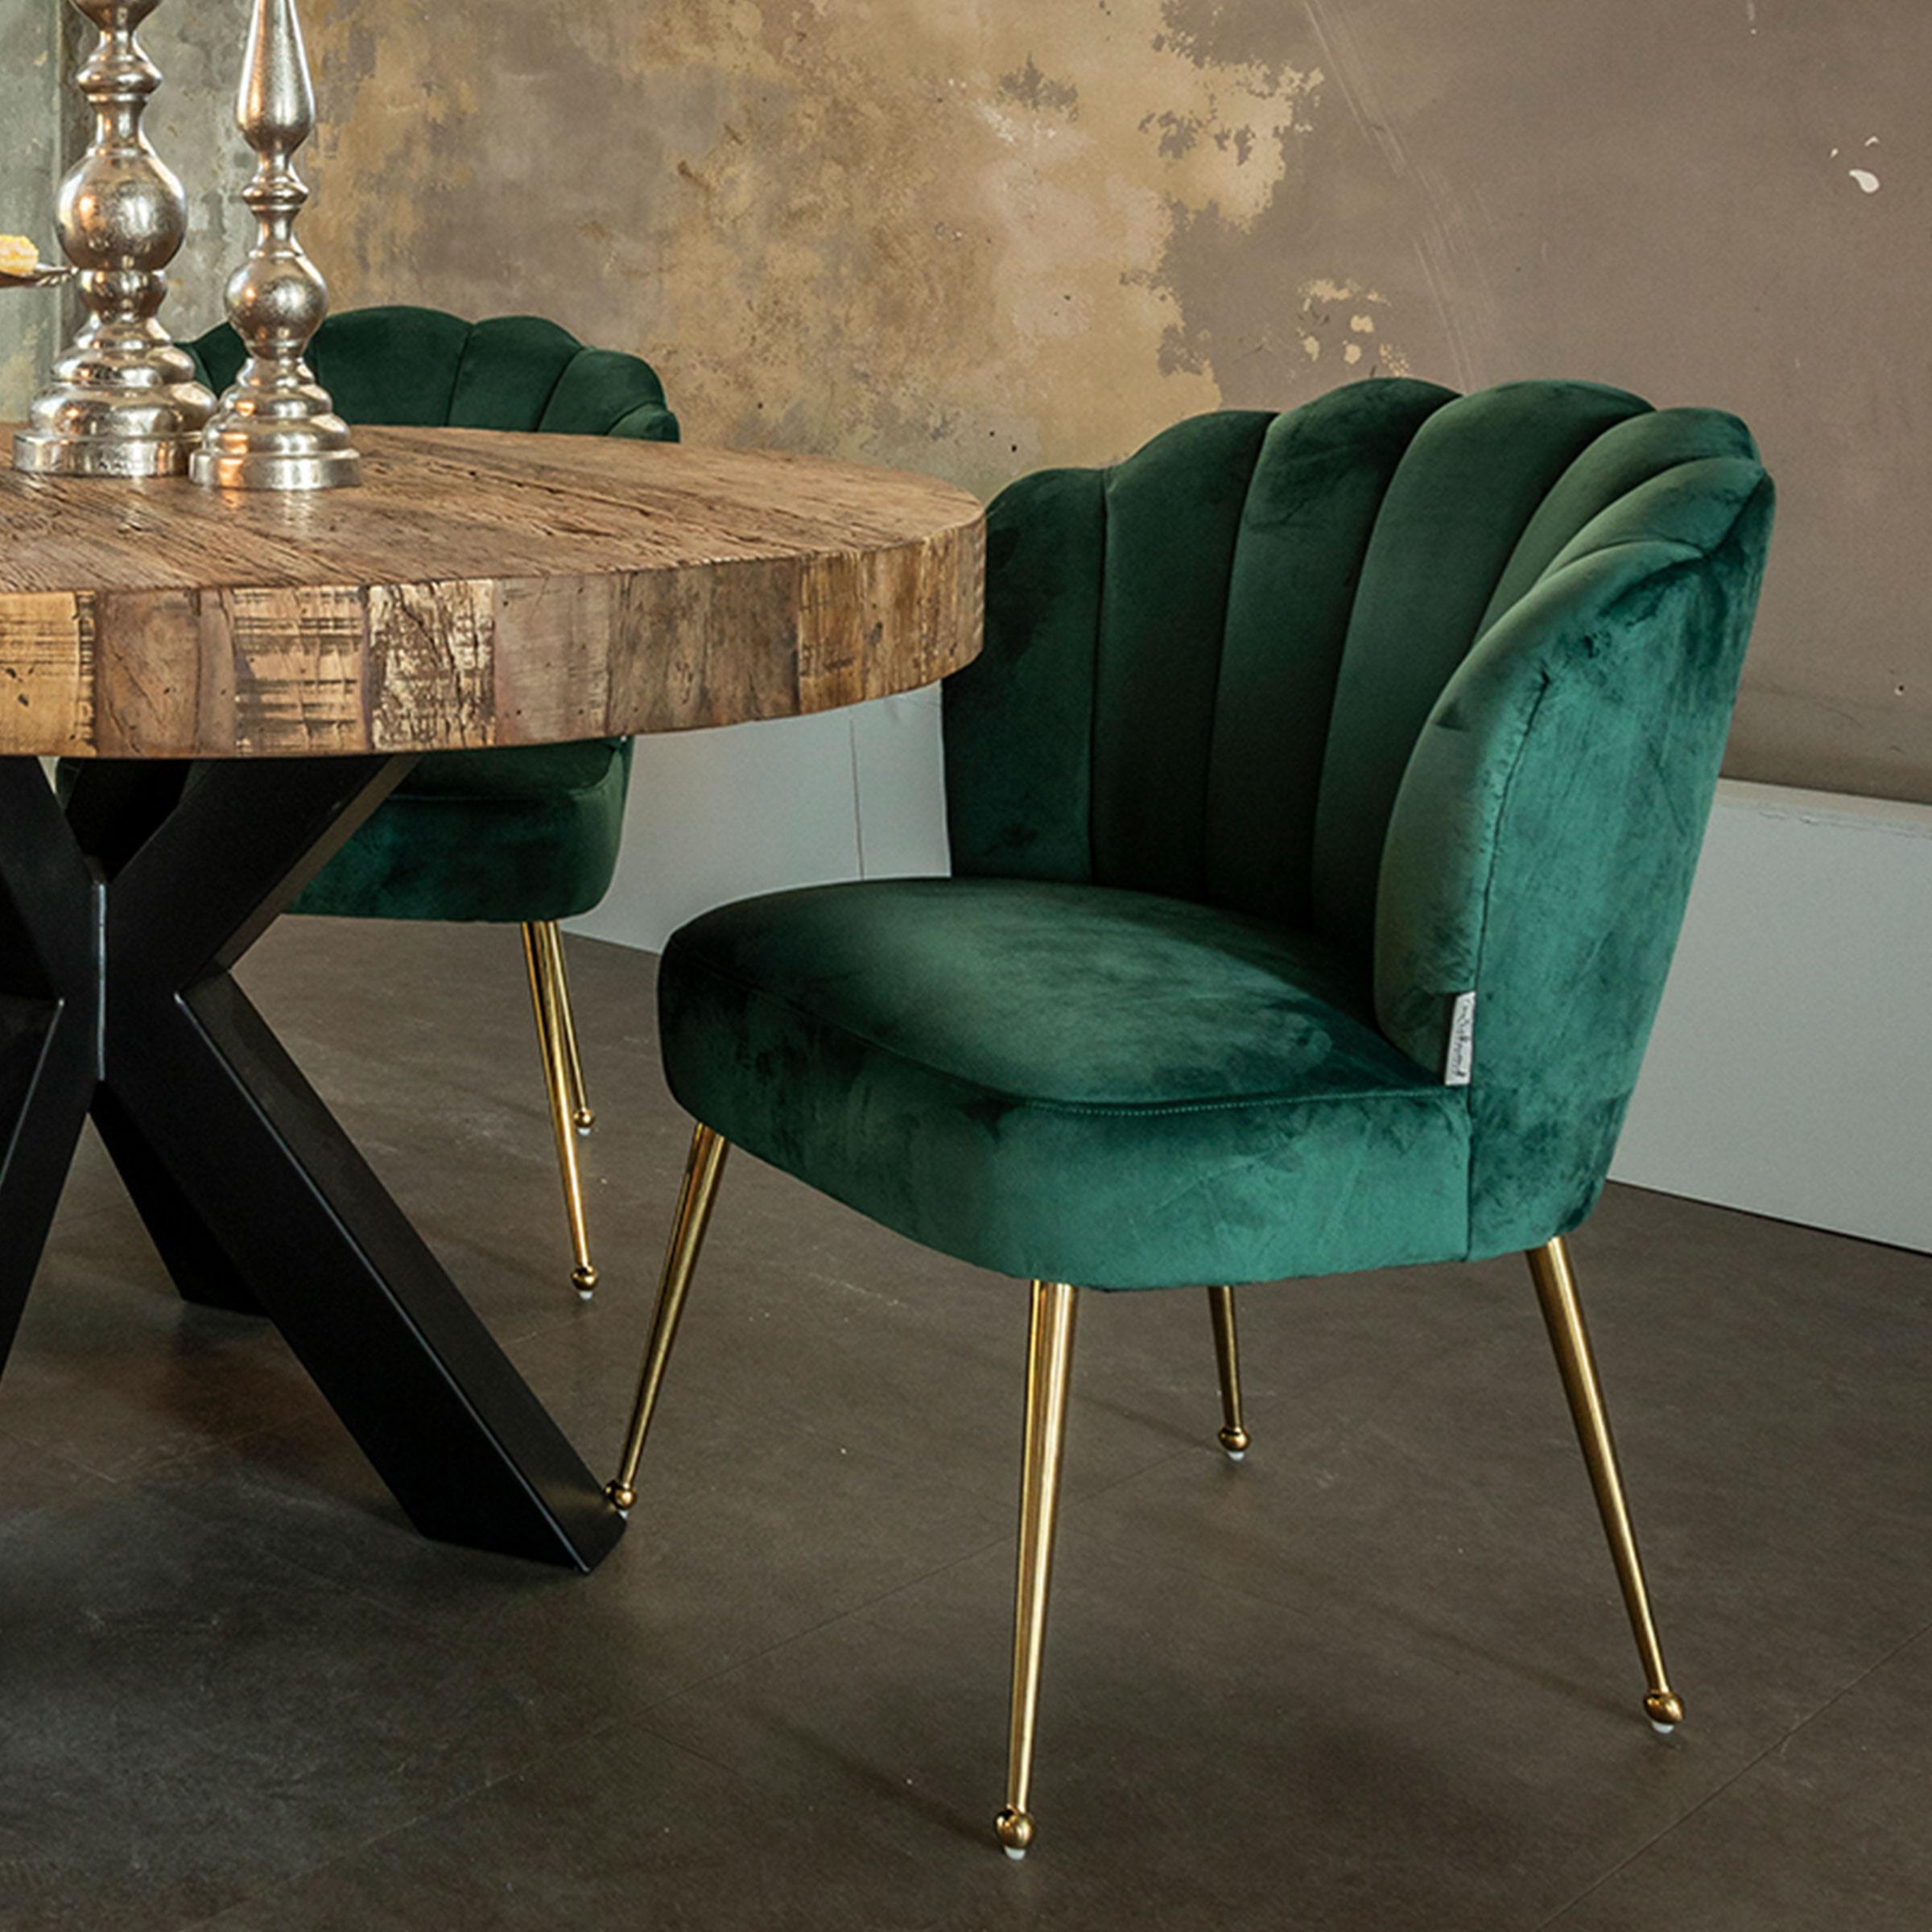 Richmond Eetkamerstoel 'Pippa' Velvet, kleur Groen / Goud